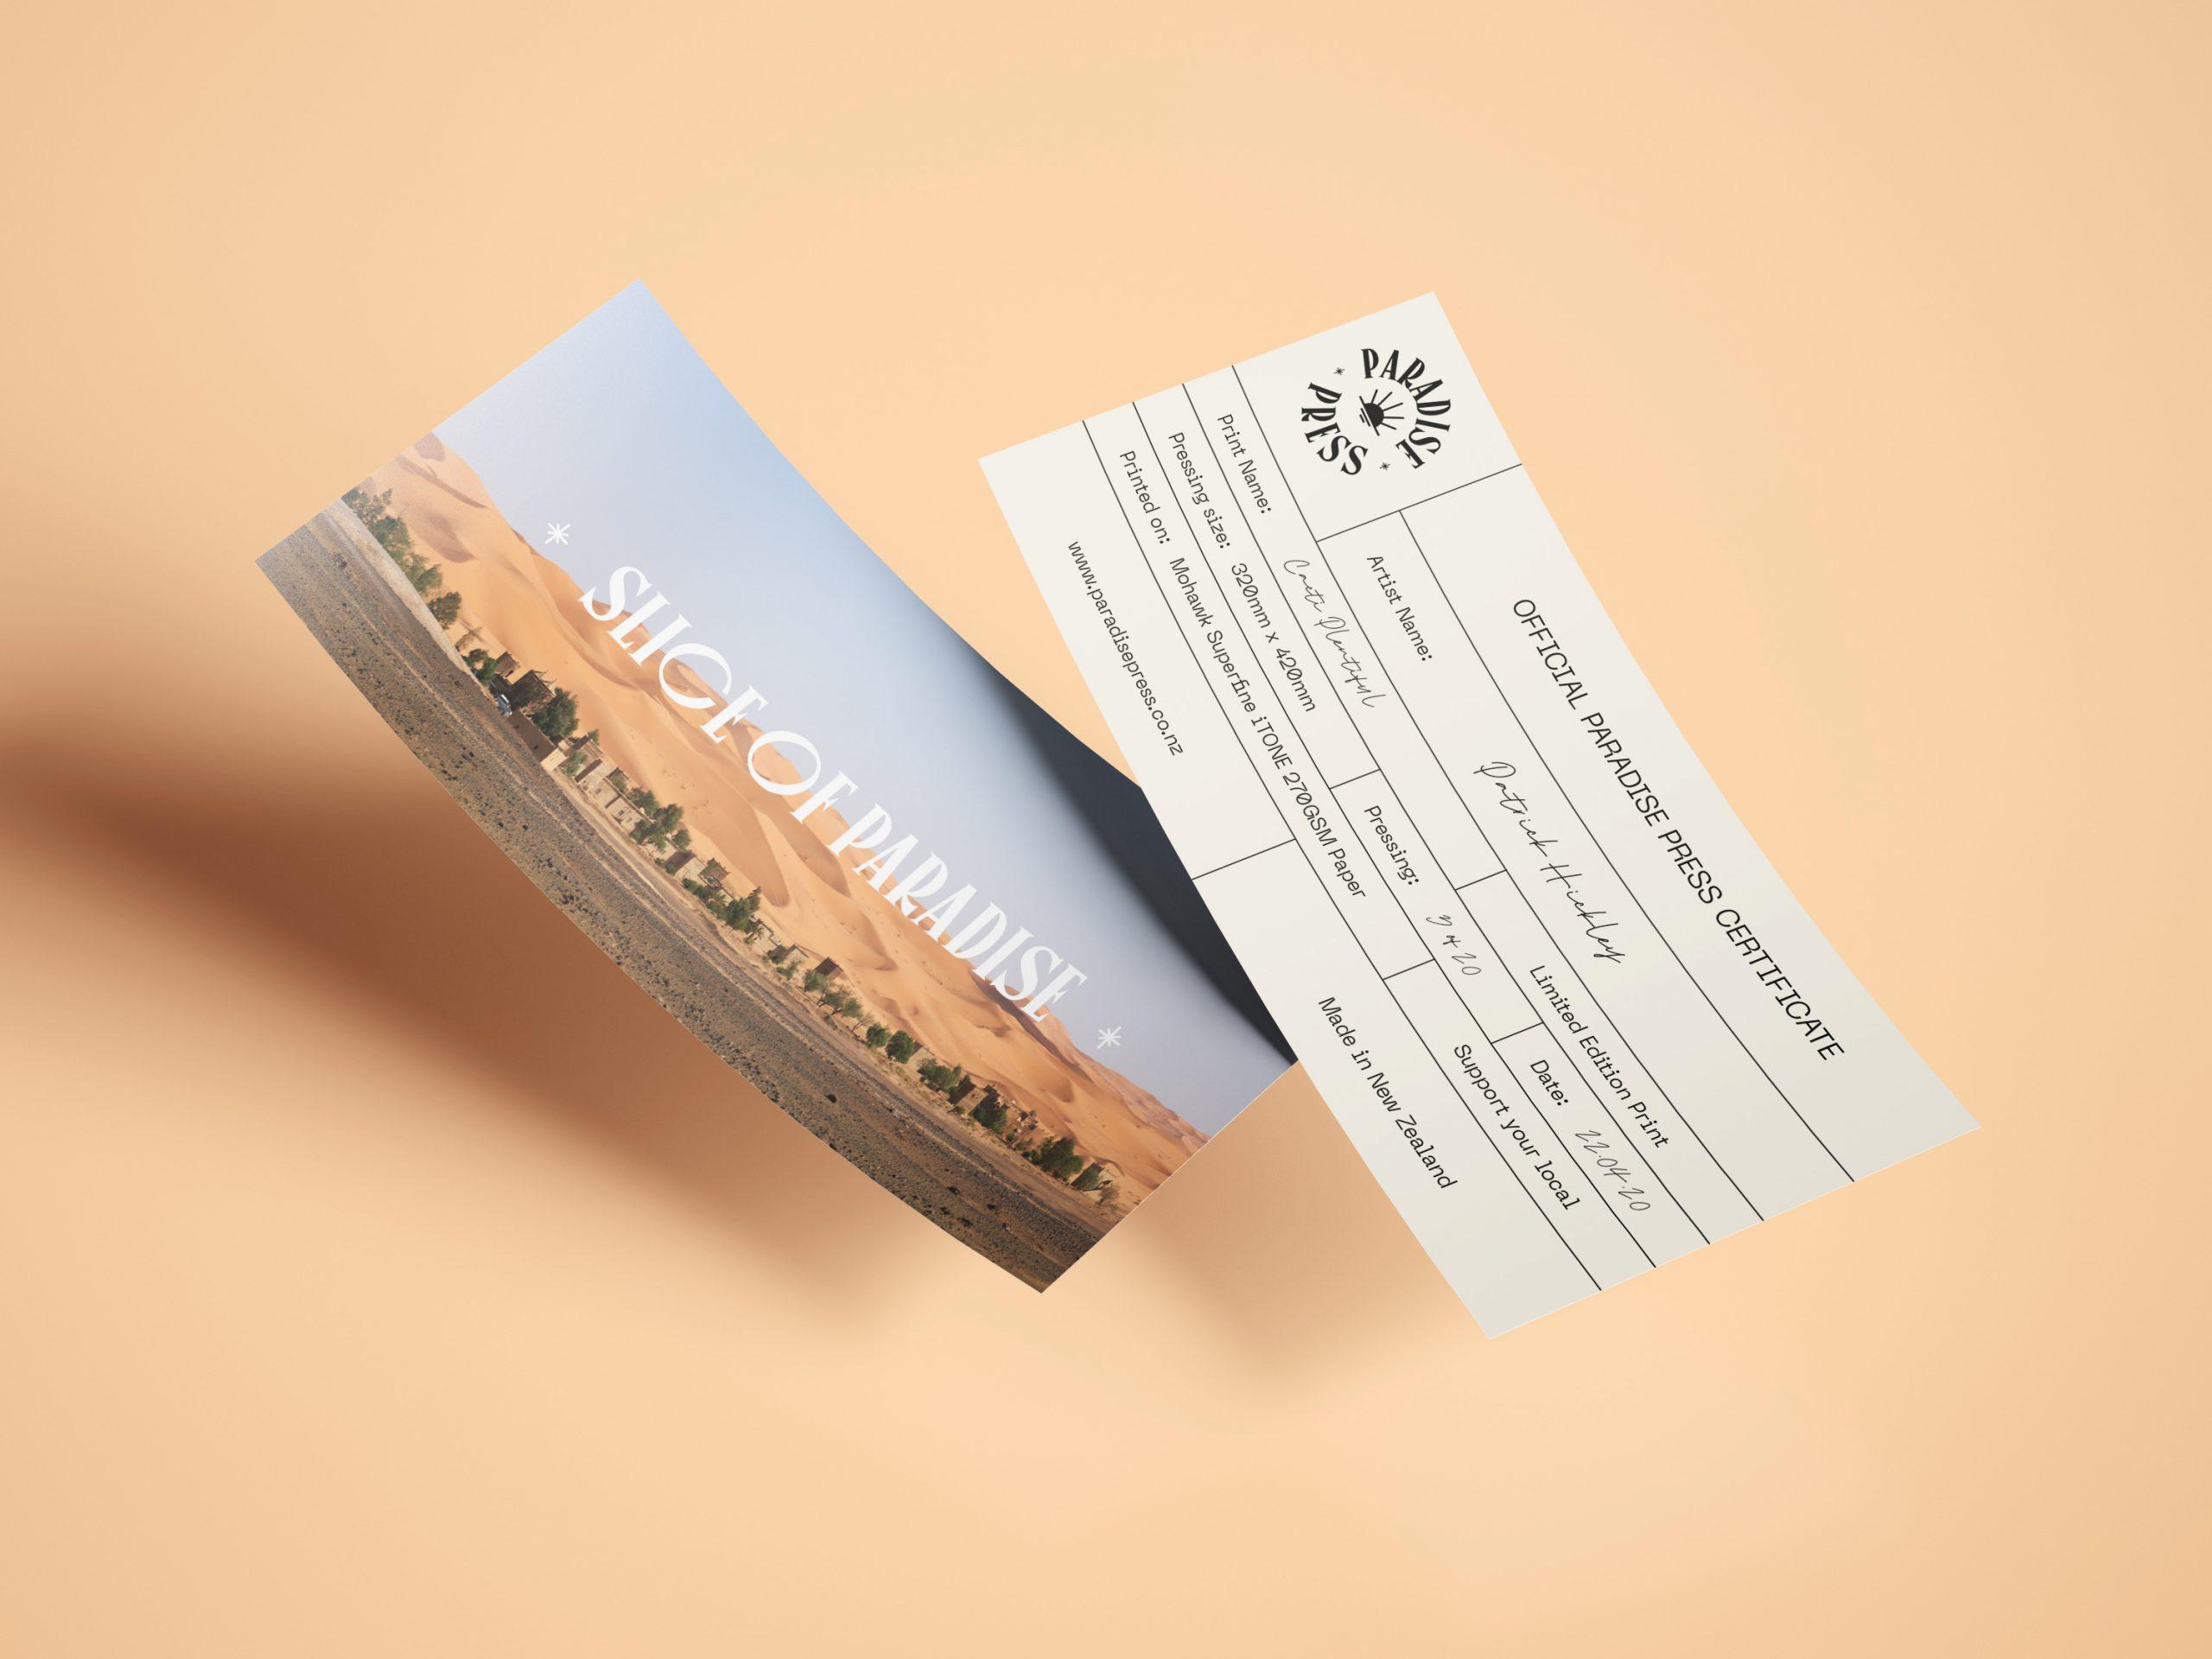 Flying_Leaflet_Mockup_3